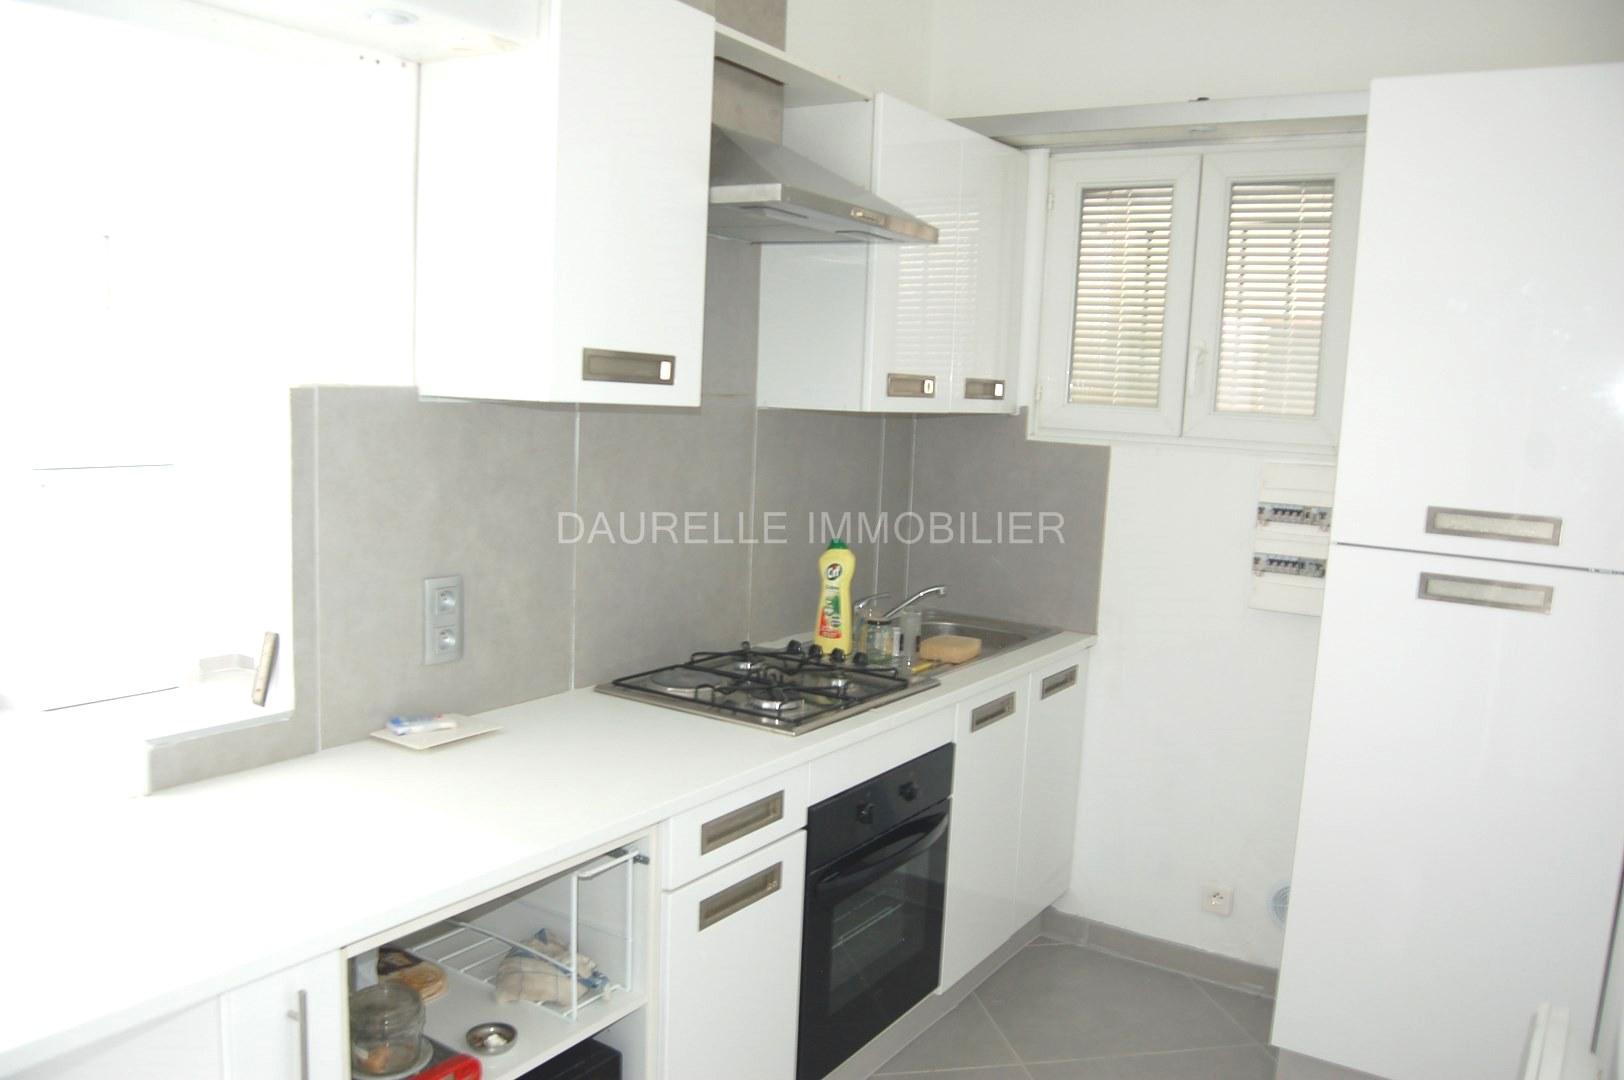 Location appartement Aix-en-Provence : pleine de promesses